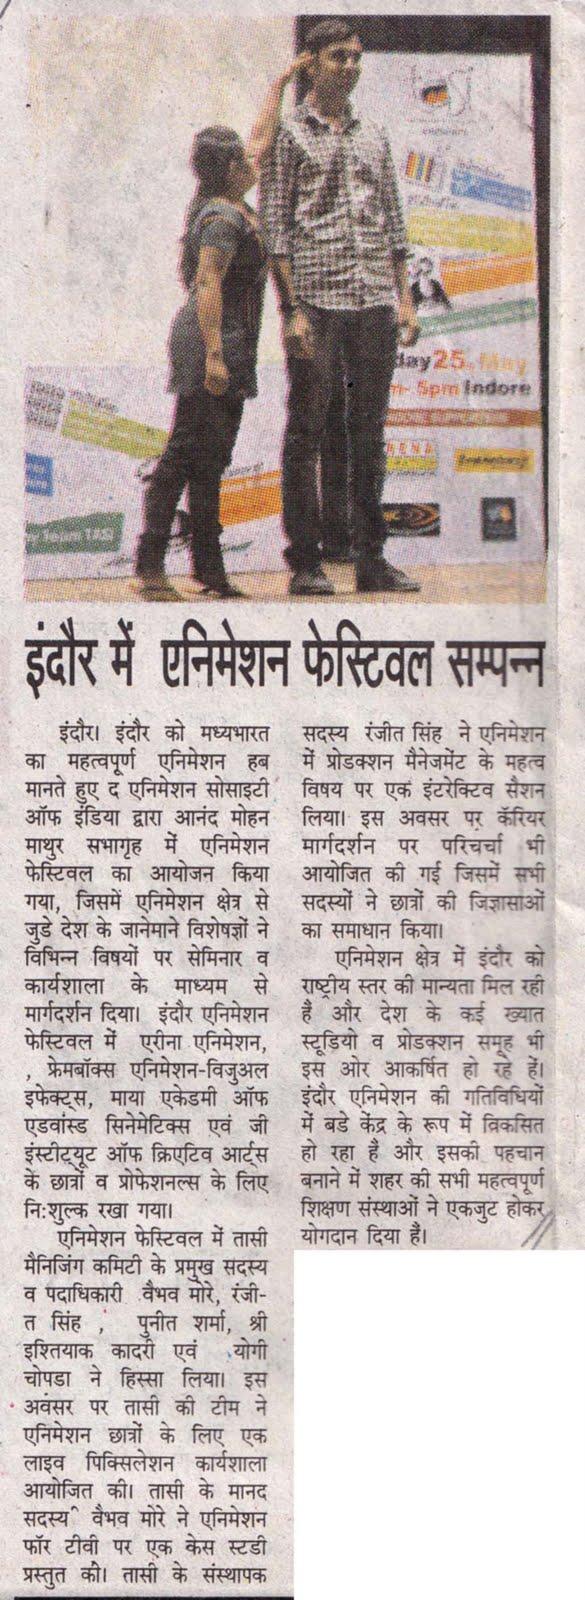 Indore Samachar_Indore_26.05.12_P10